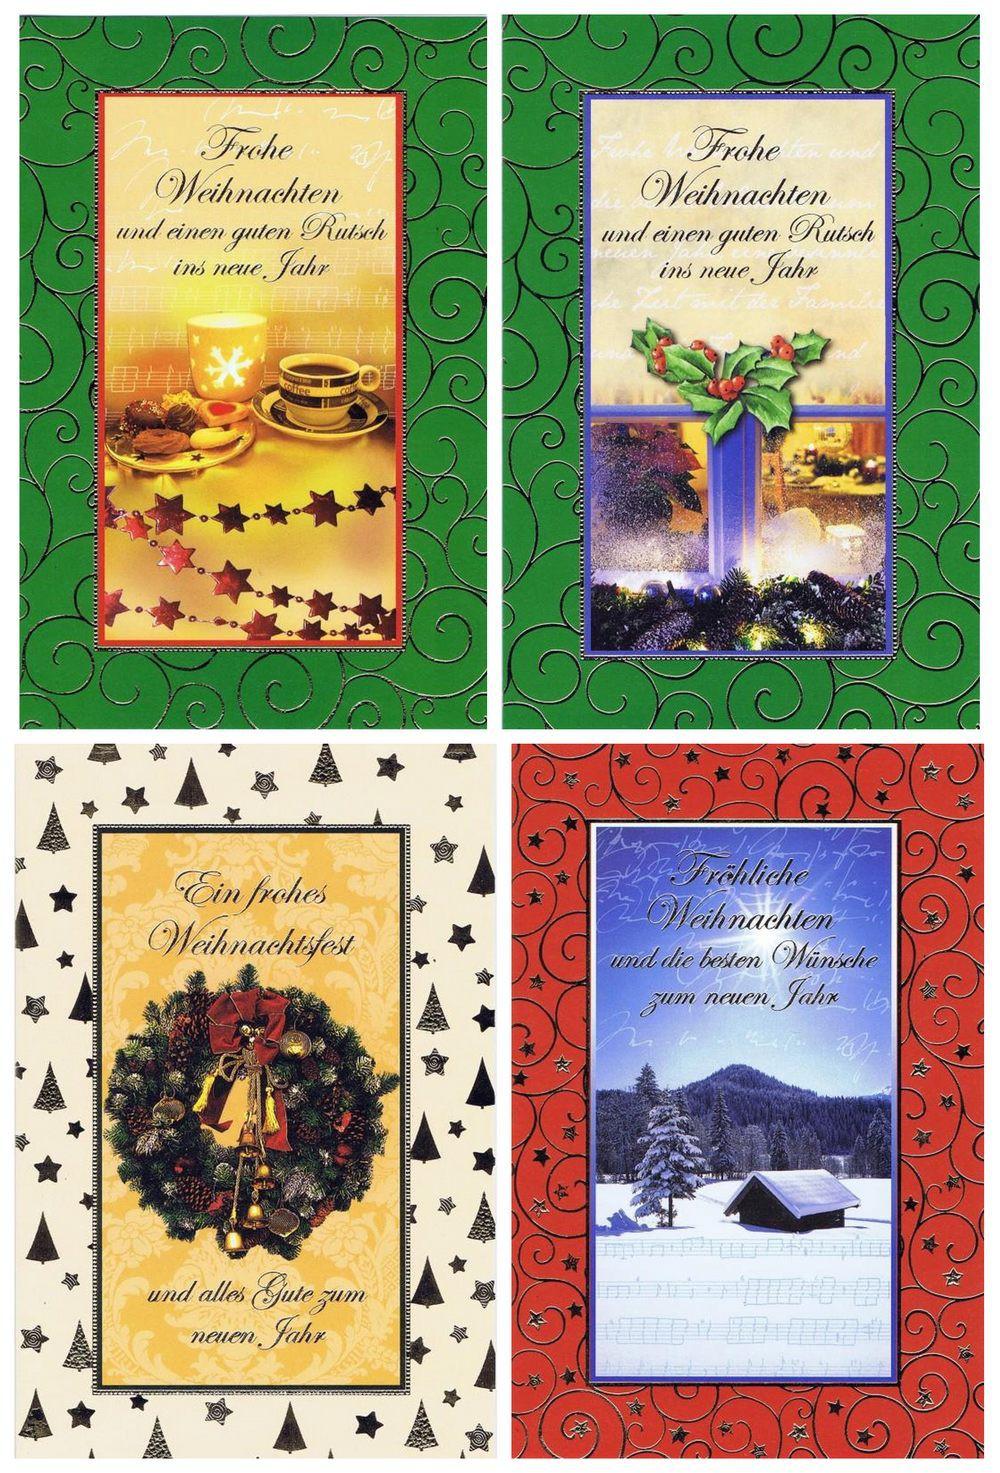 Weihnachtskarten mit 4 klassischen Weihnachtsmotiven im farbigen Rahmen